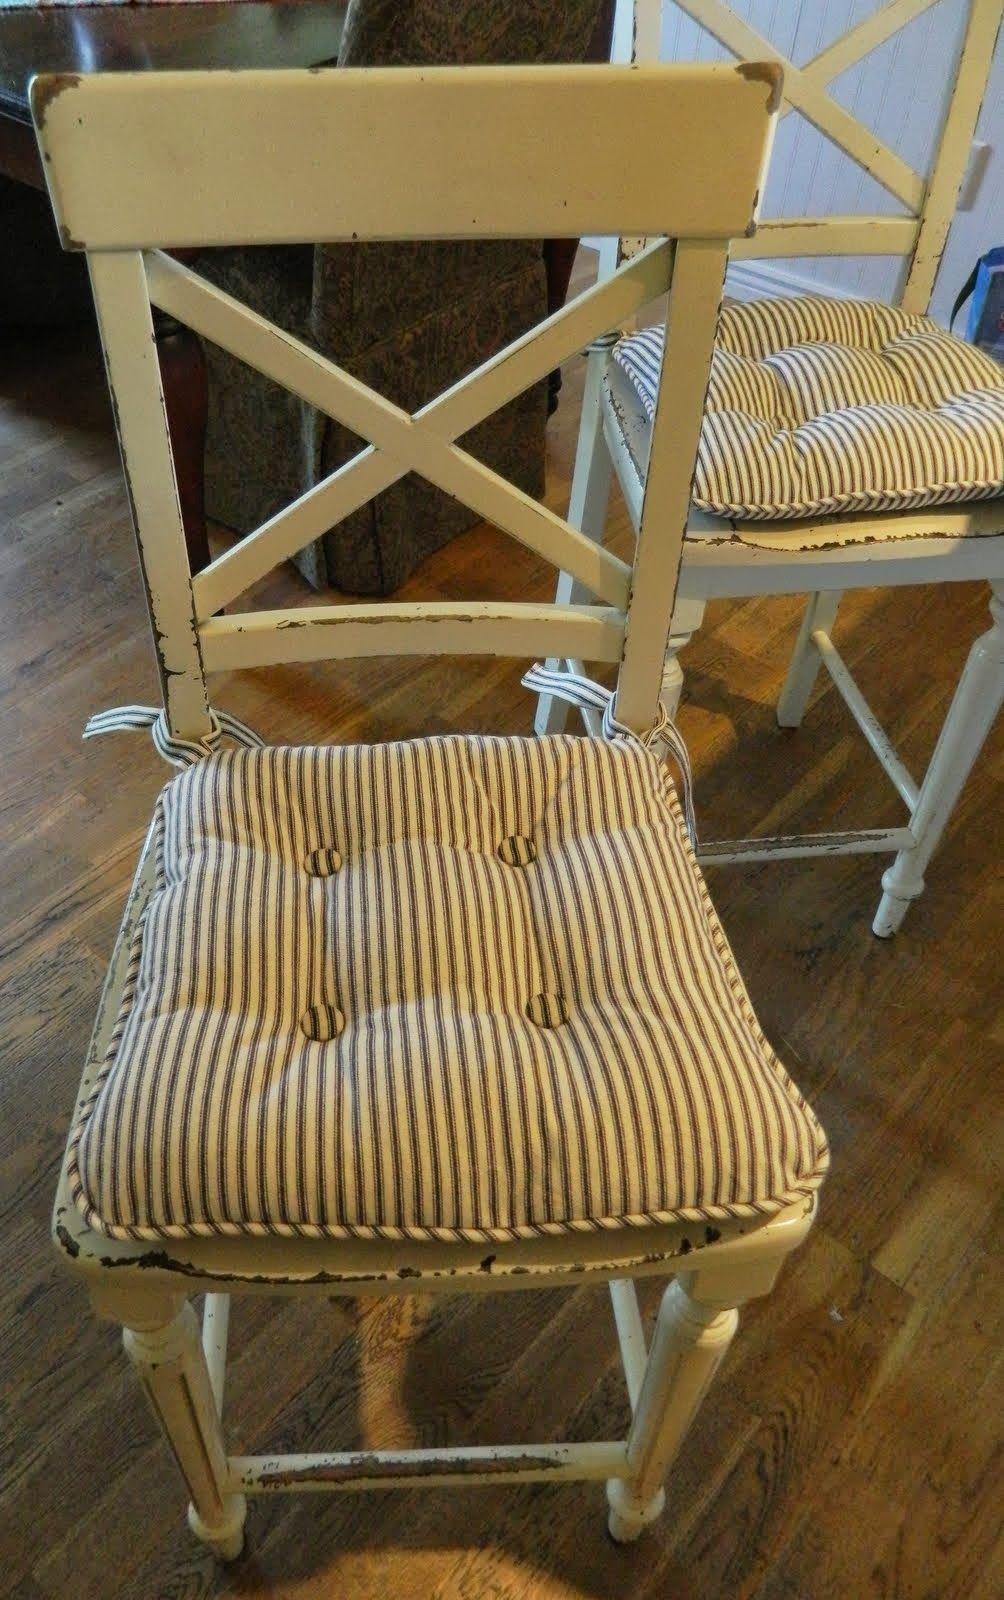 Kuche Stuhl Kissen Die Kuche Tisch Ist Ein Grossartiger Ort Fur